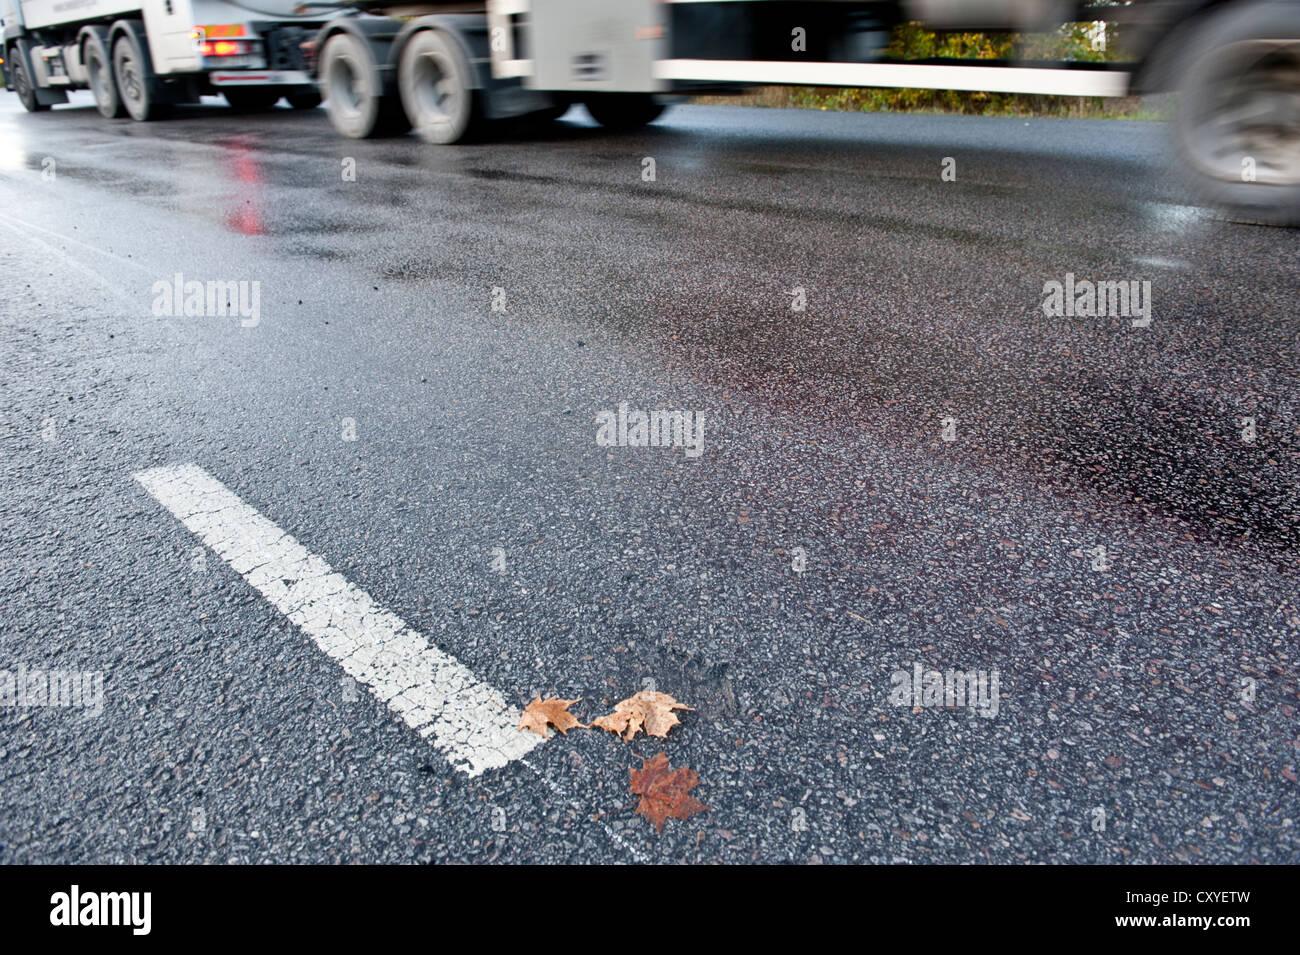 La conducción de camiones en traicioneras y carretera resbaladiza debido a la lluvia o la escarcha Imagen De Stock